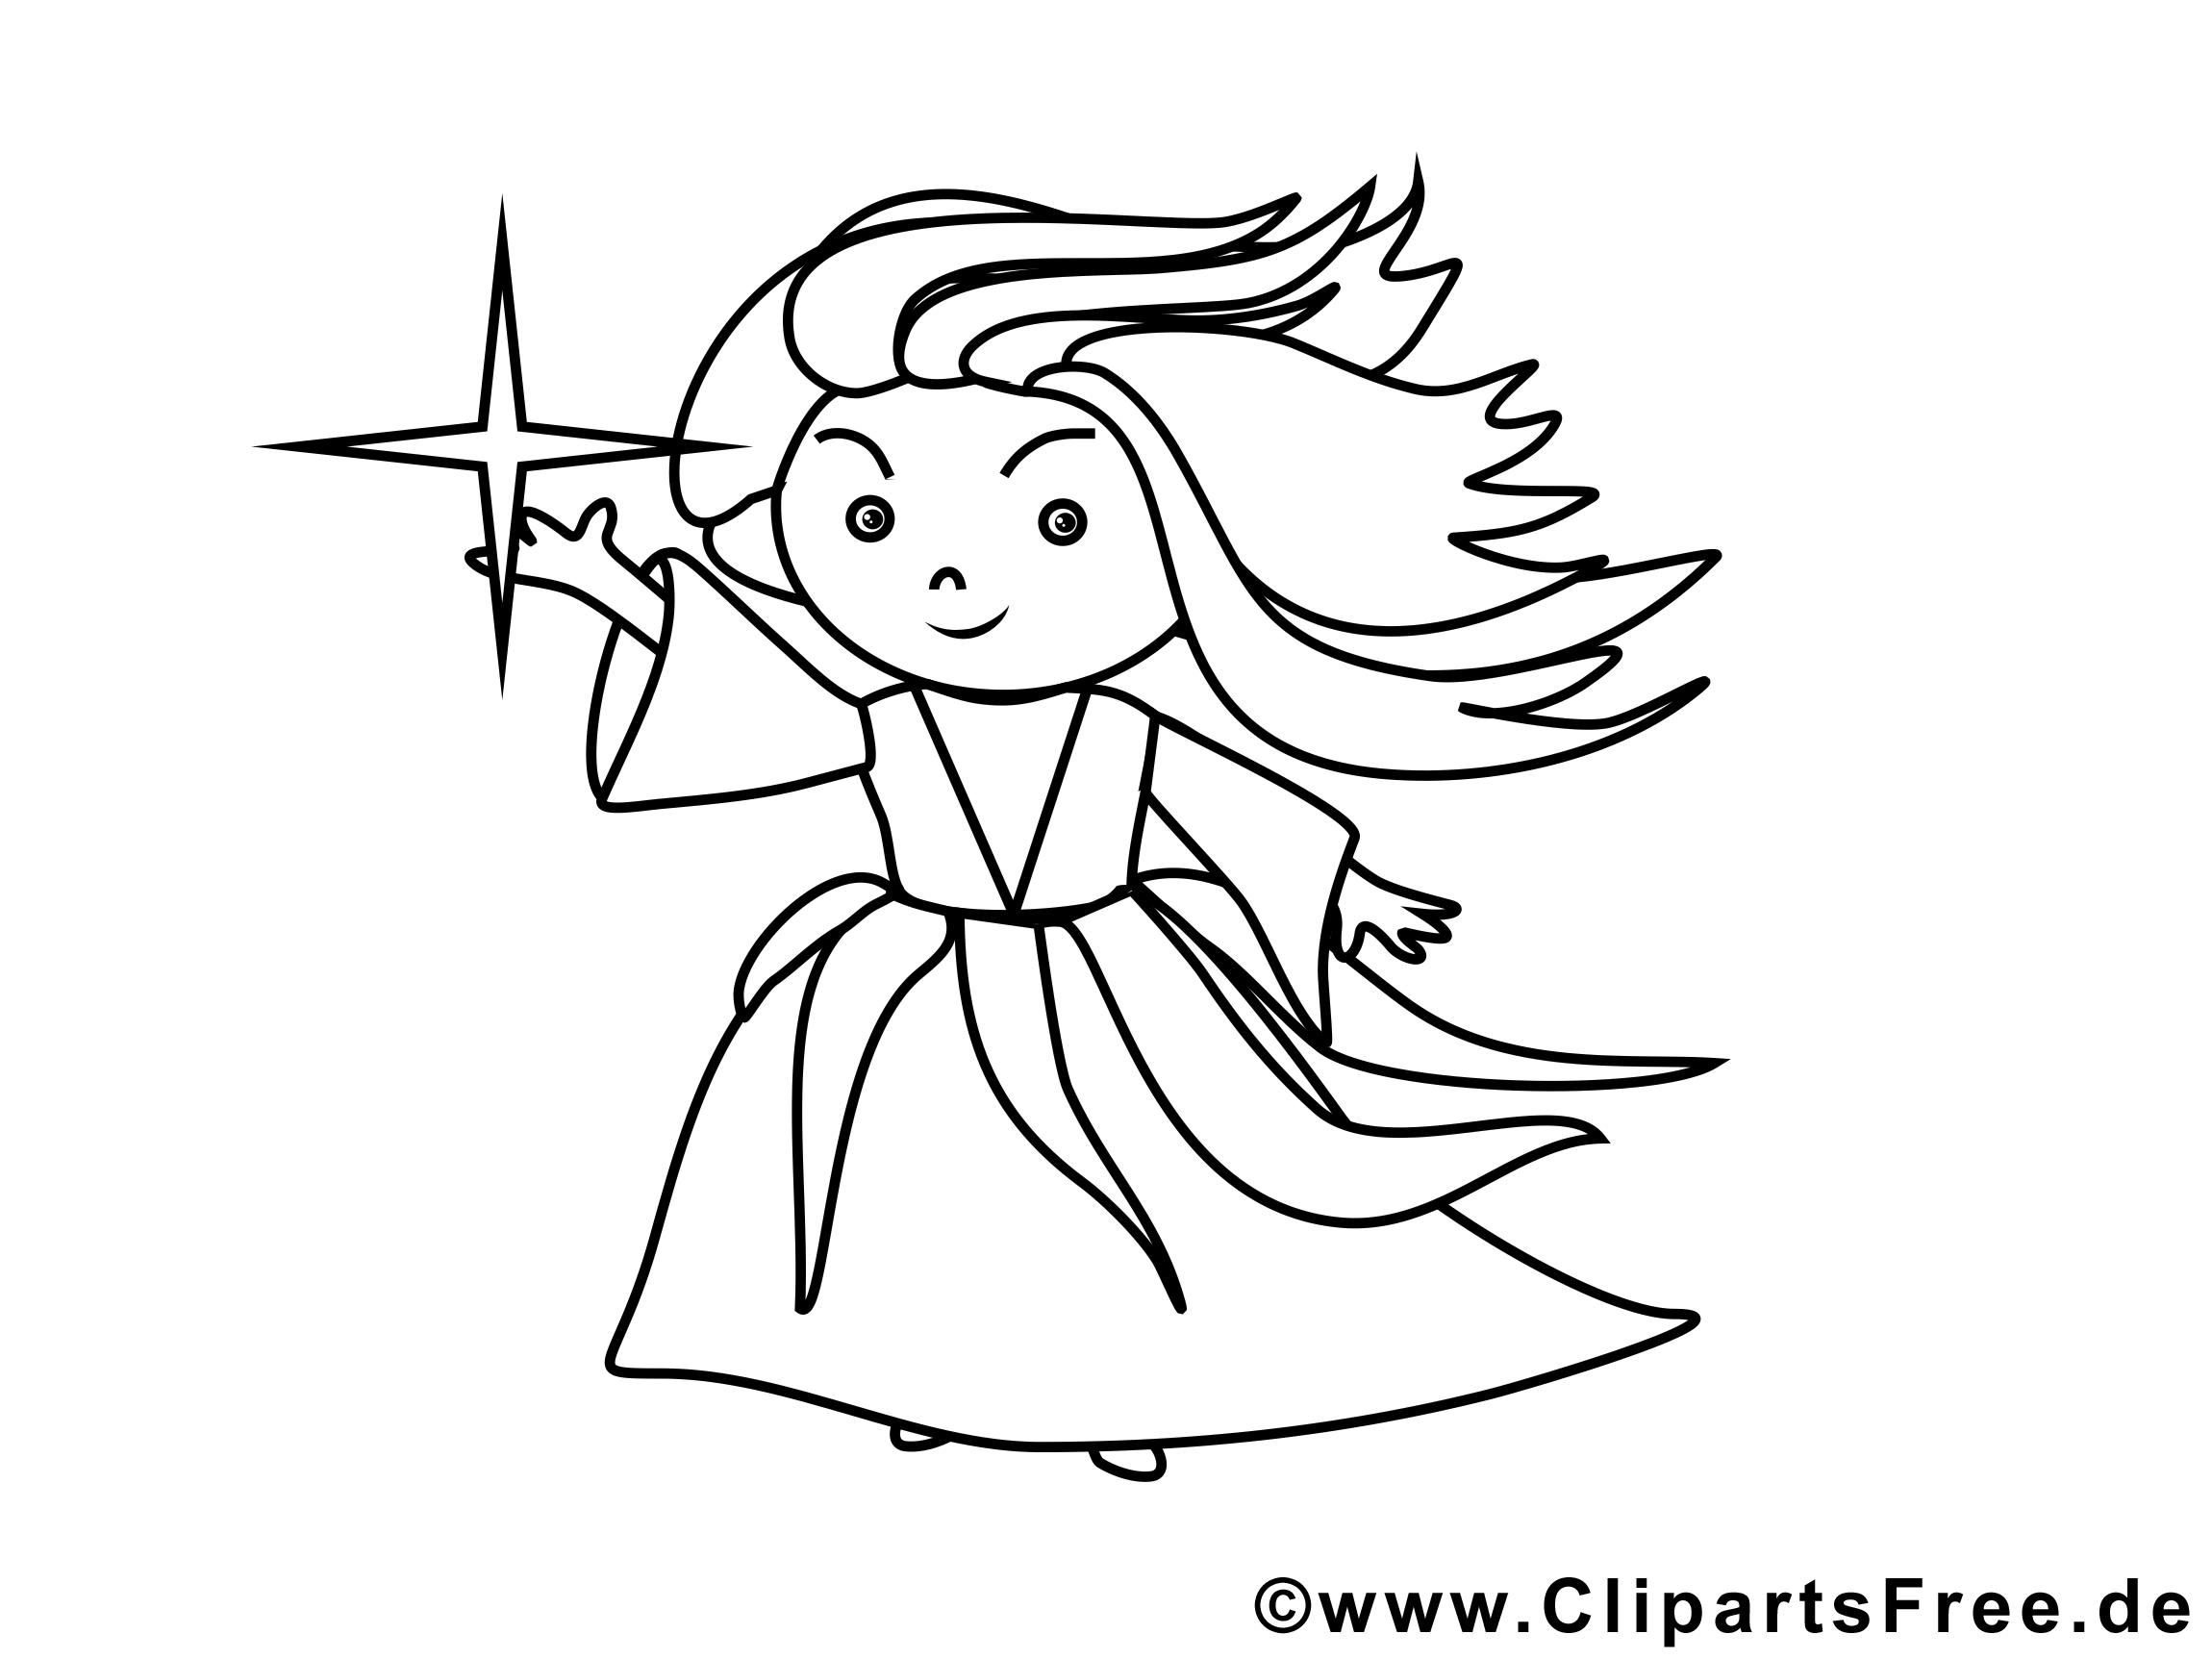 Clip art sorcière – Halloween image à colorier